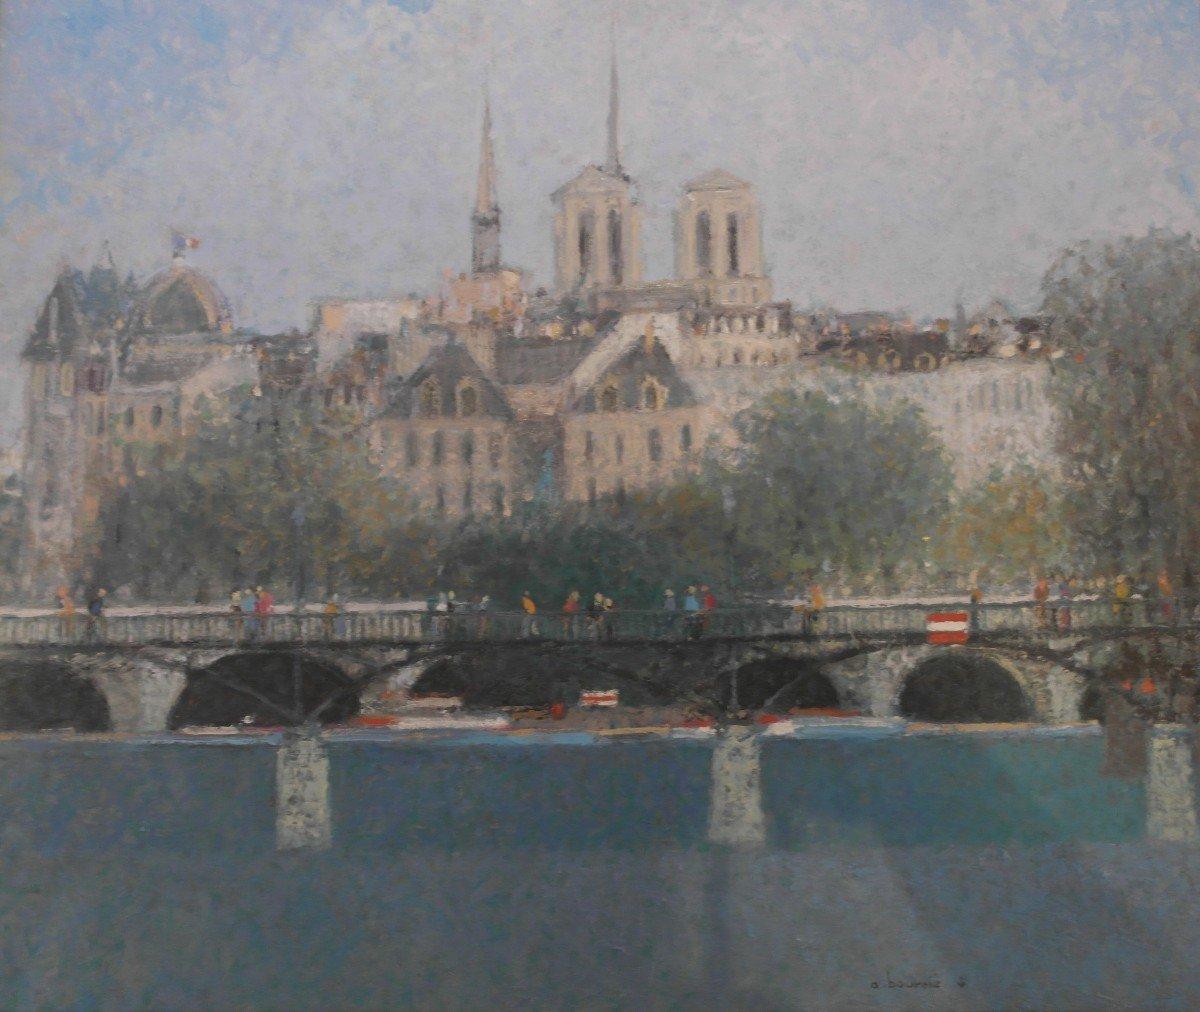 Tableau André Bourrie Ht Sbd V1475